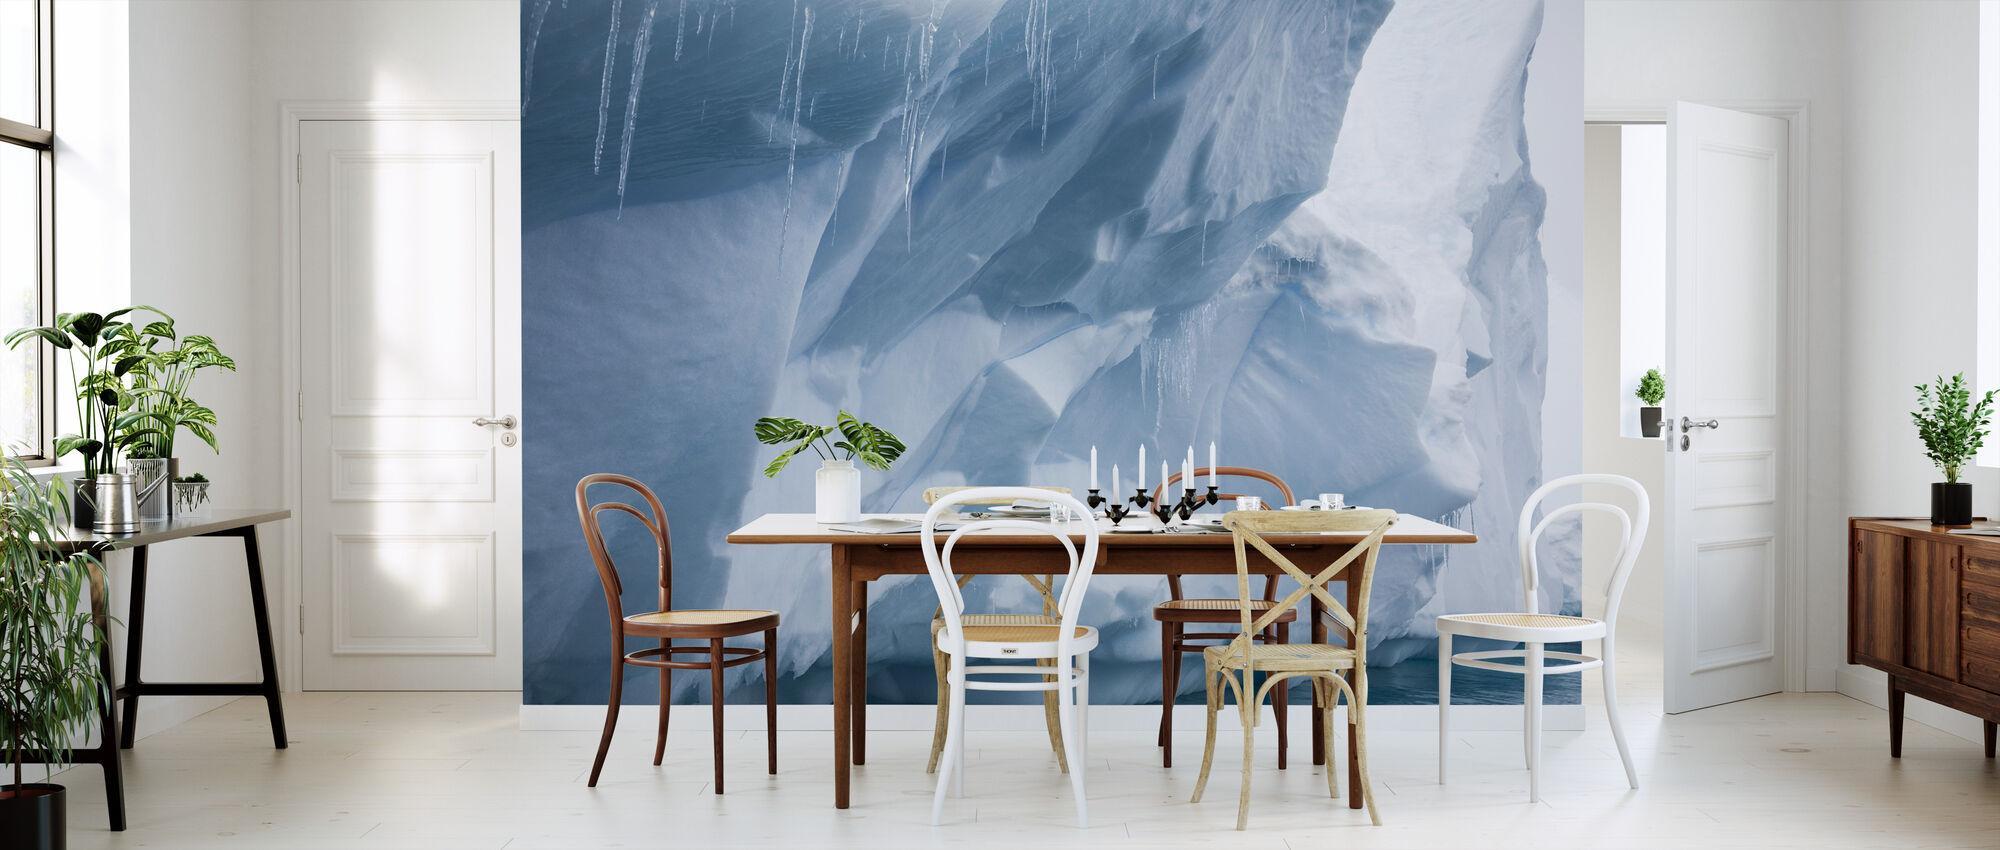 IJspegel in Antarctica - Behang - Keuken